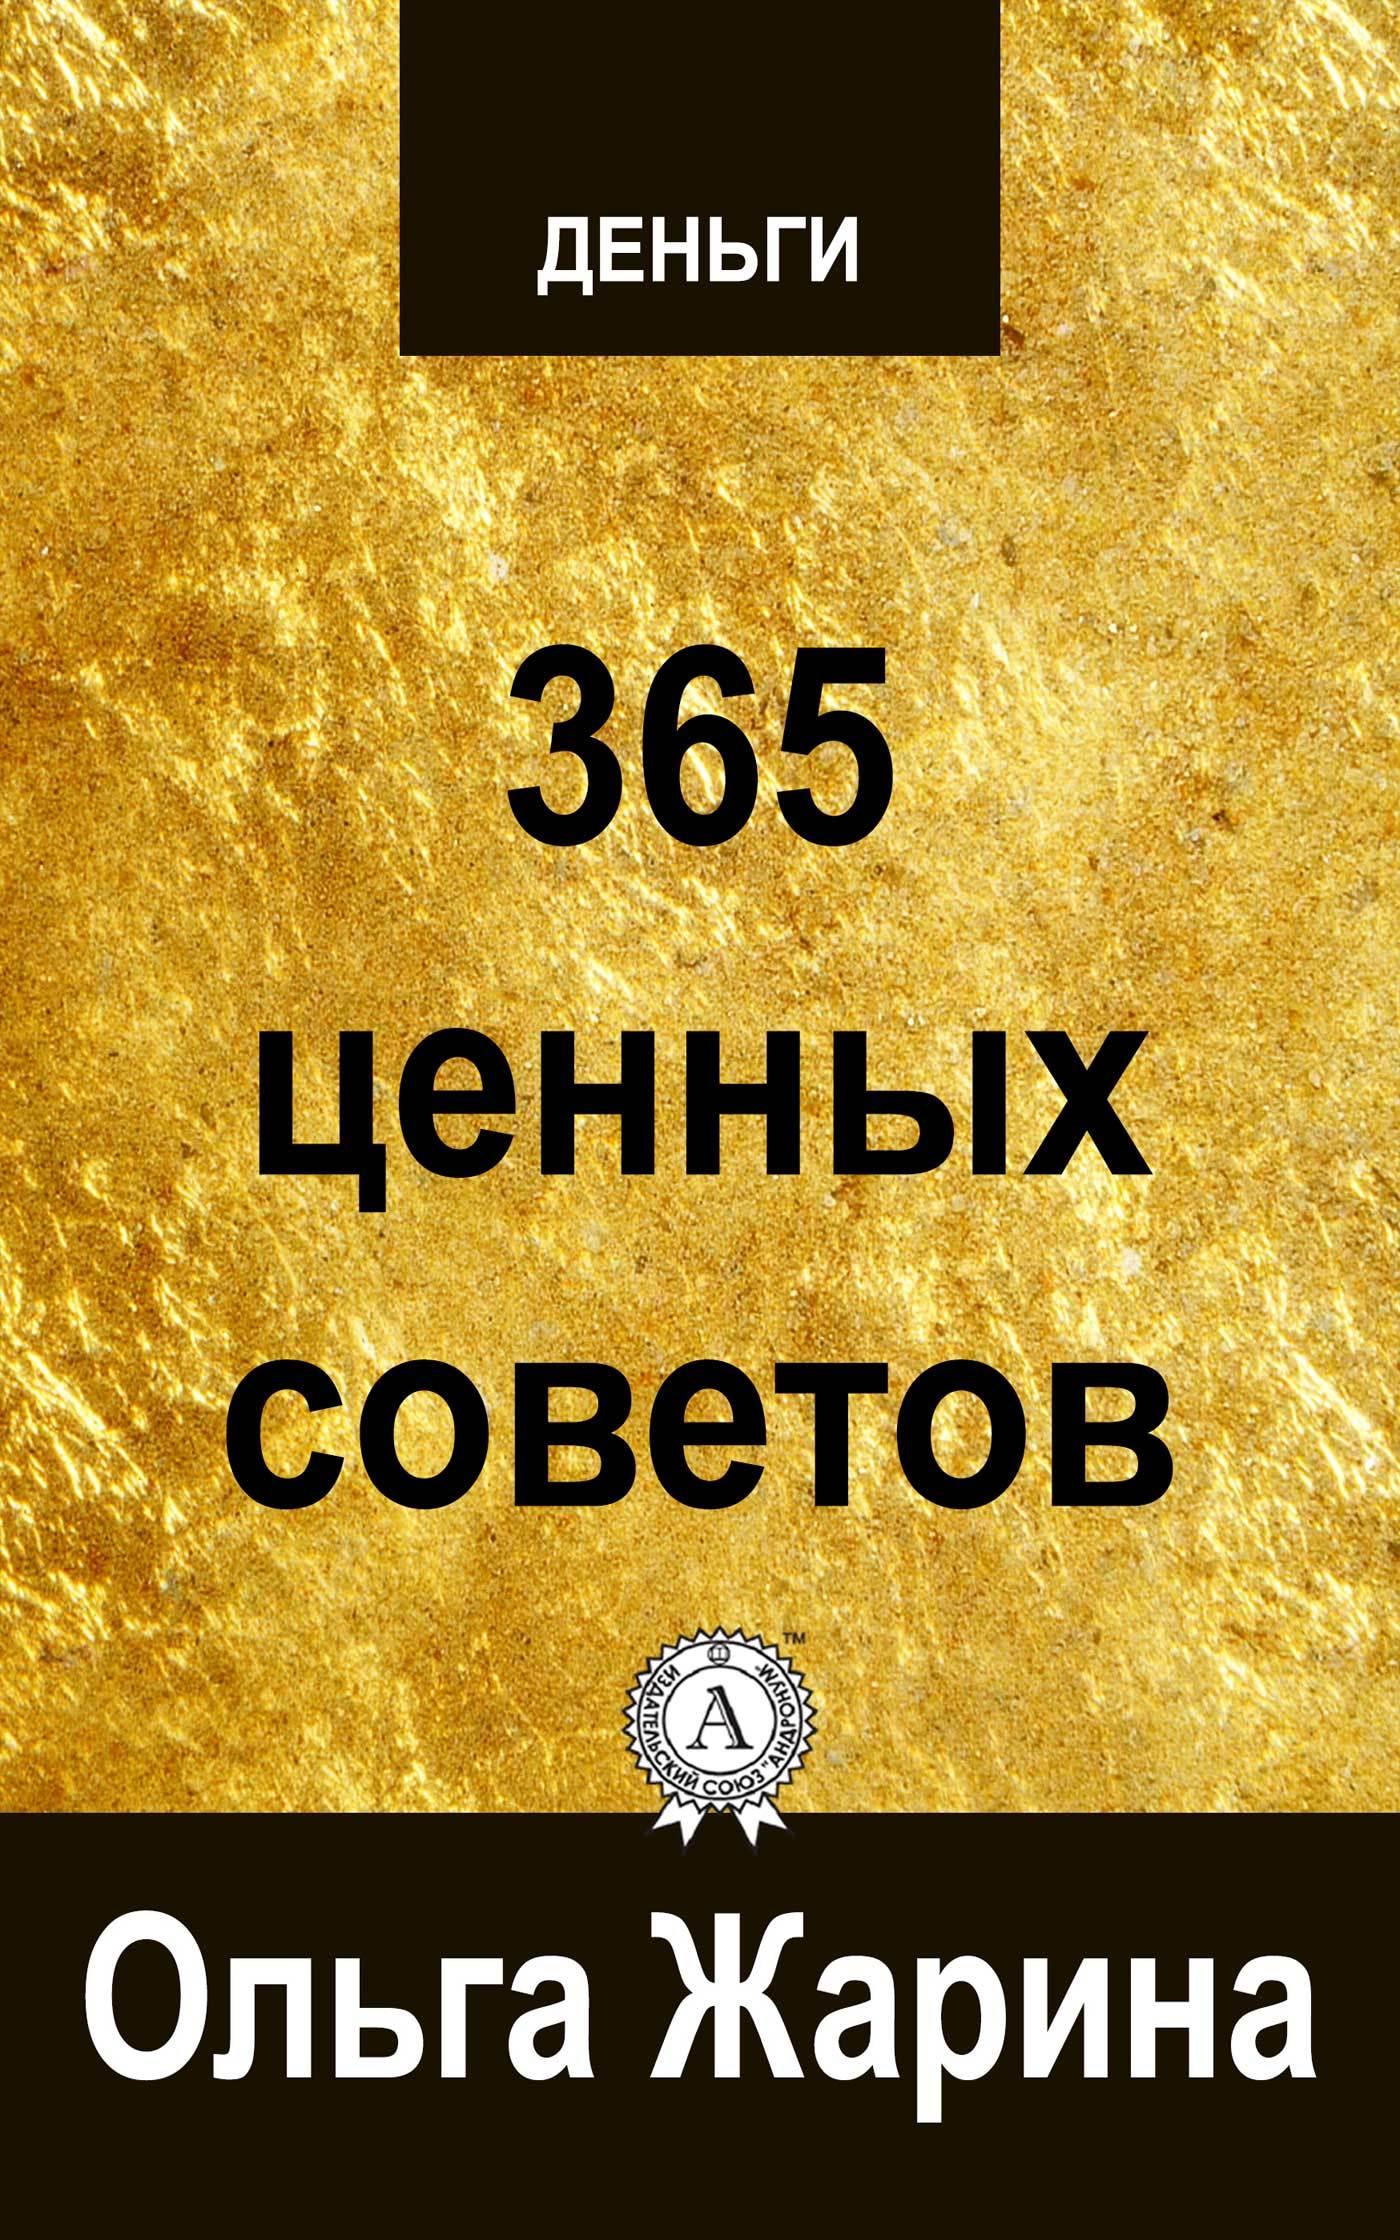 Обложка книги. Автор - Ольга Жарина